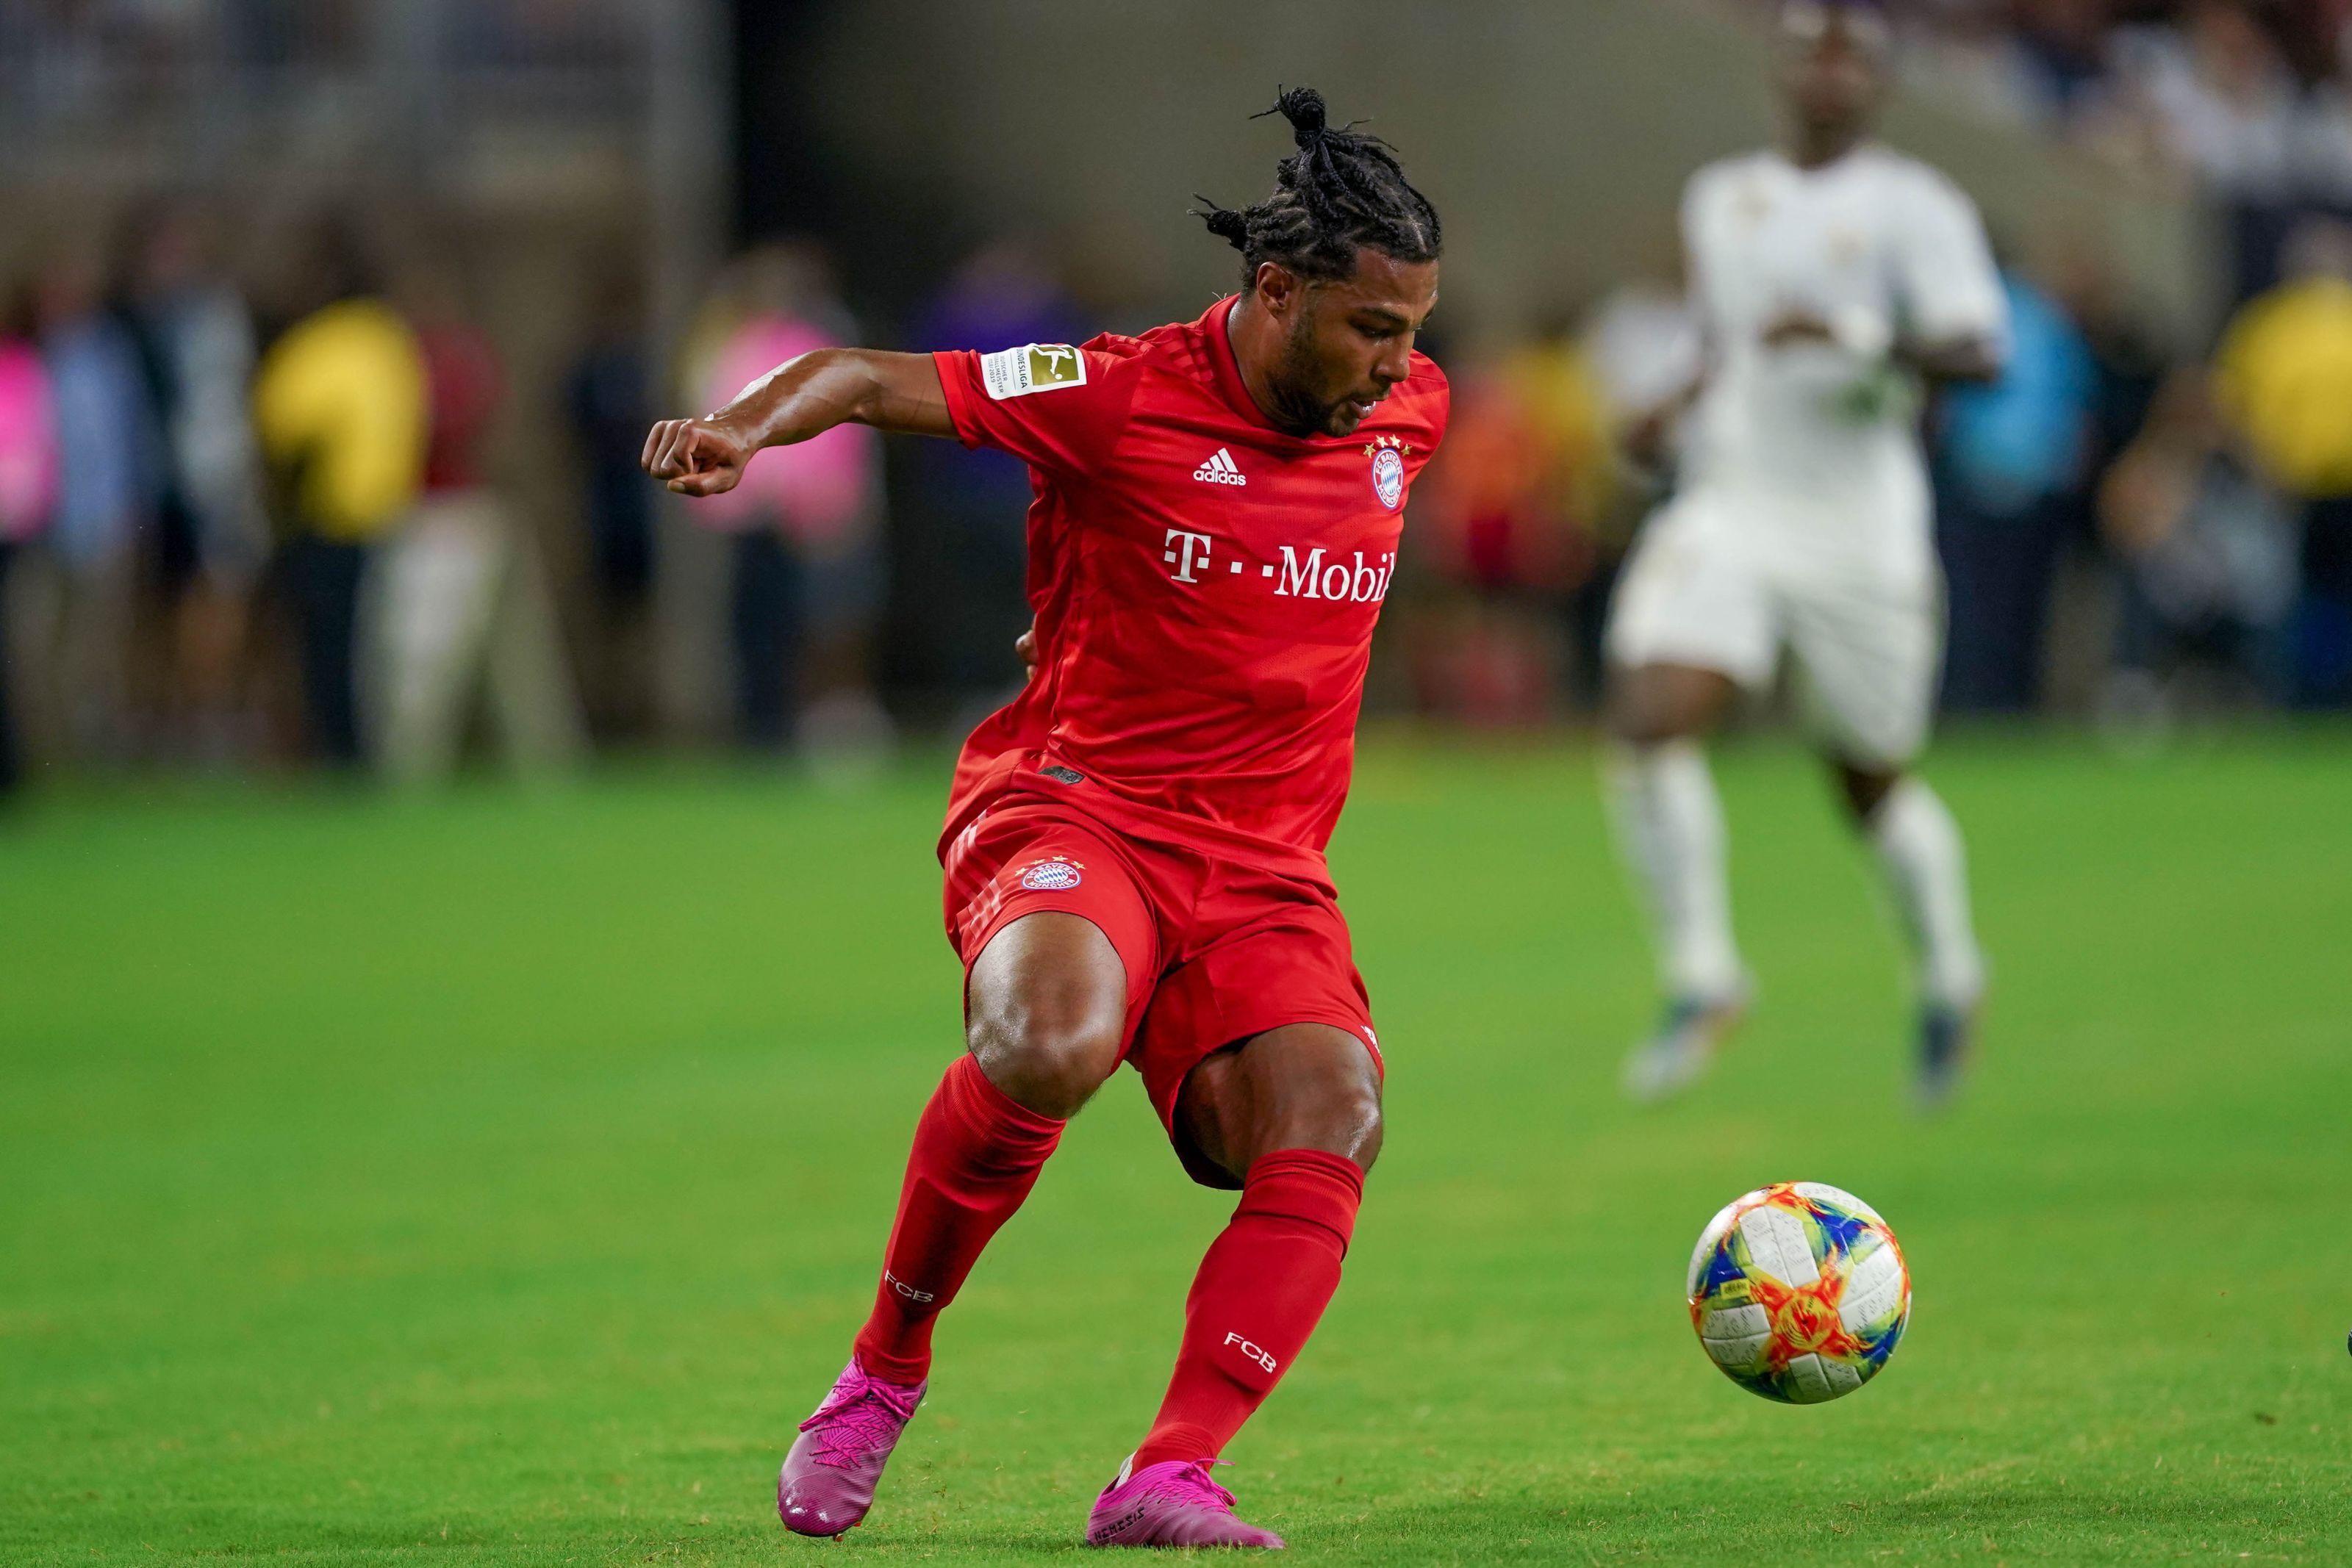 Tới Bayern Munich, Coutinho đá ở vị trí nào? - Bóng Đá